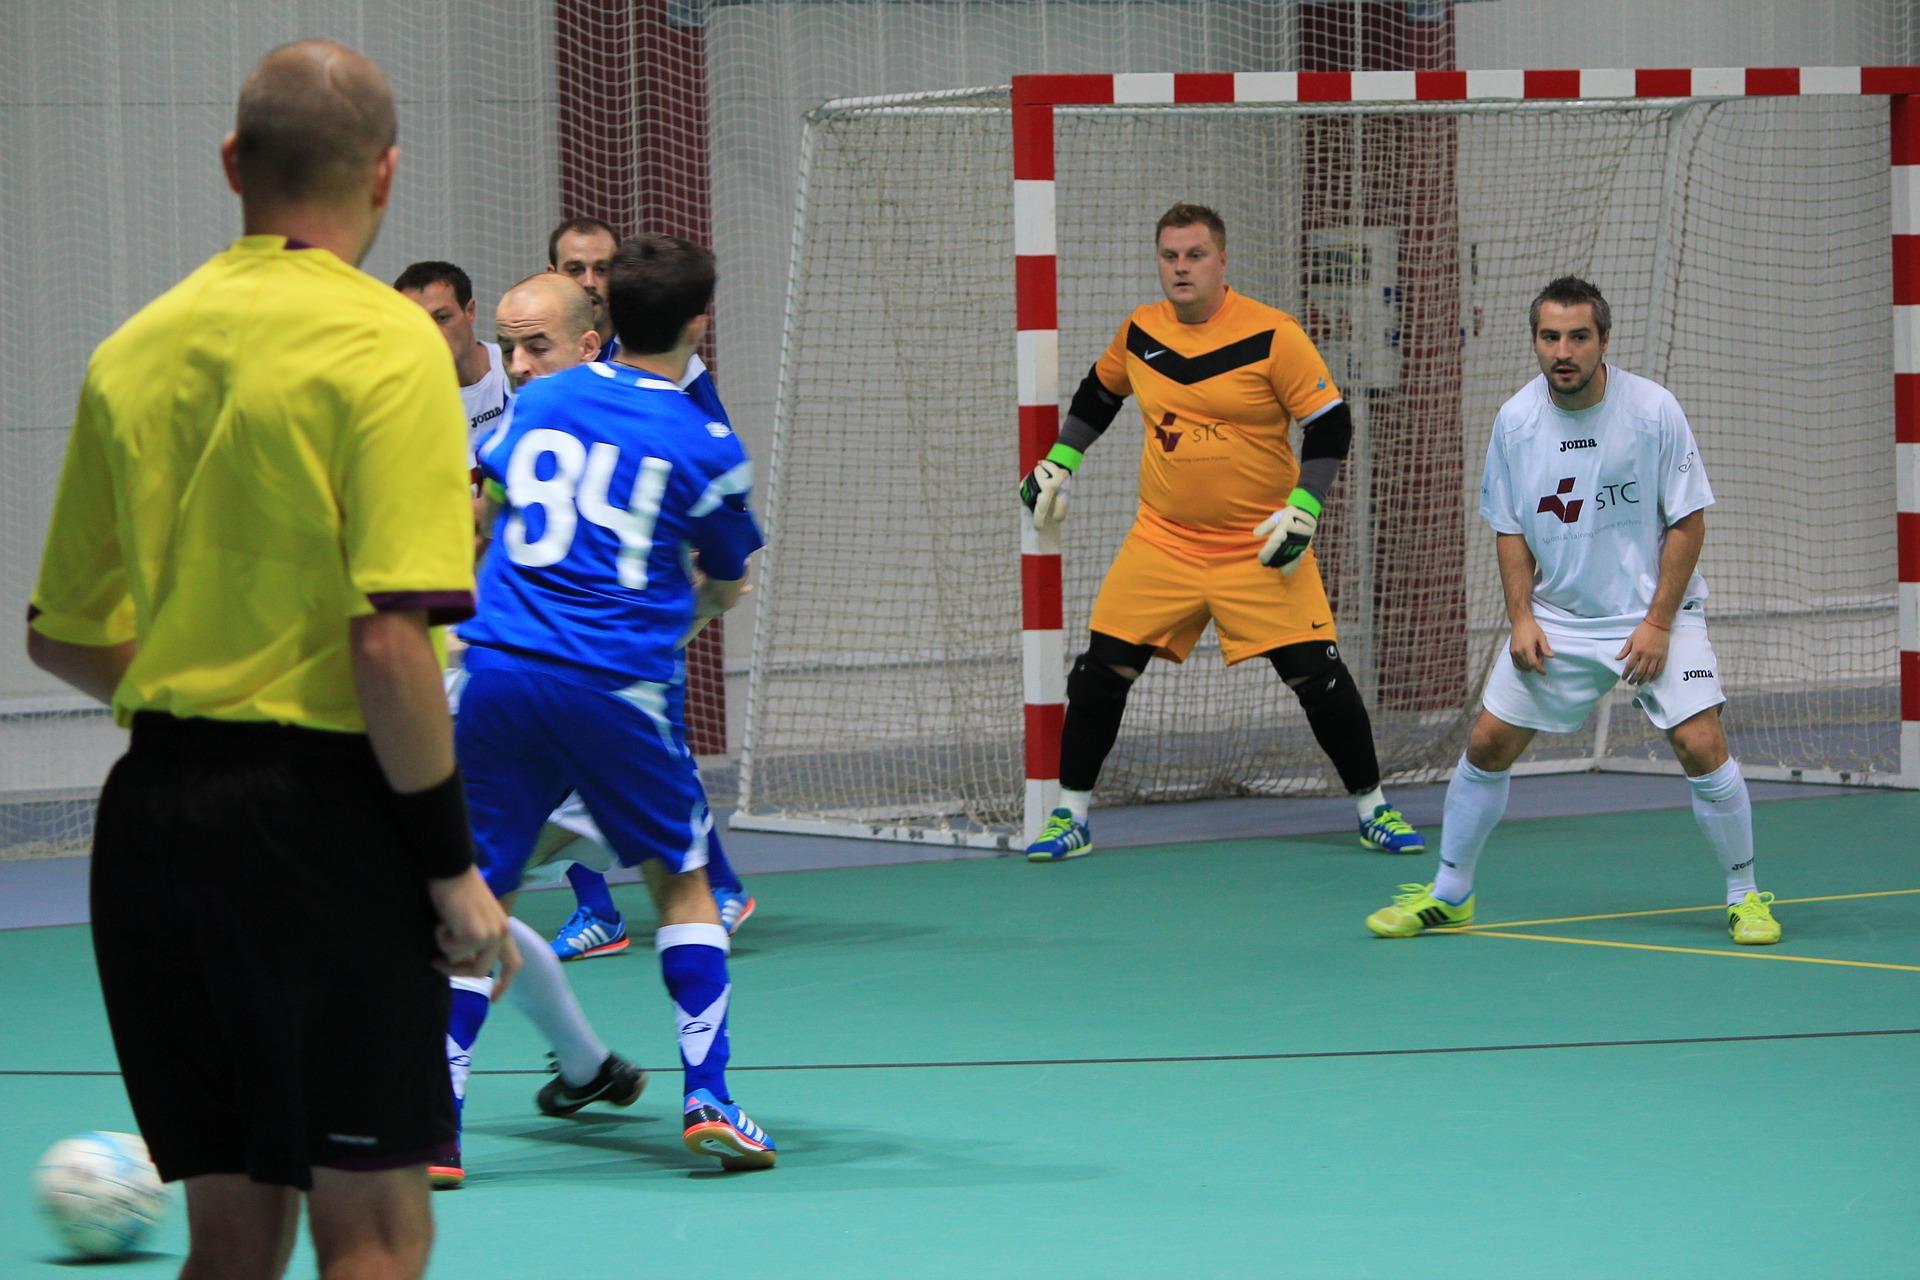 4 finalistas estão definidos na segunda divisão de futsal